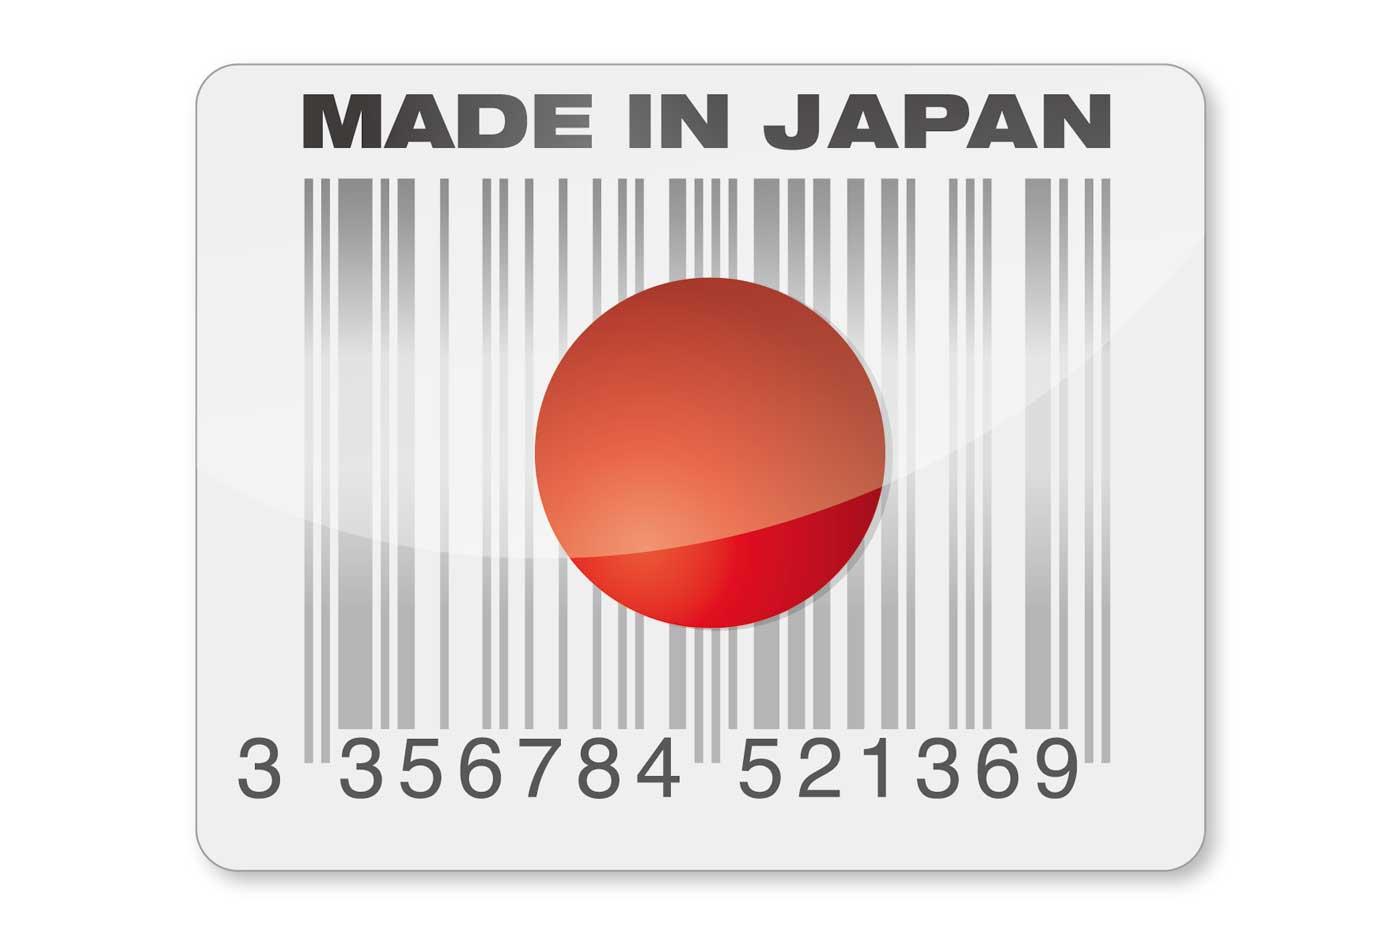 Photo of 世界に飛躍したインバウンド関連の日本語キーワード5選と今後の需要トレンドを予測する